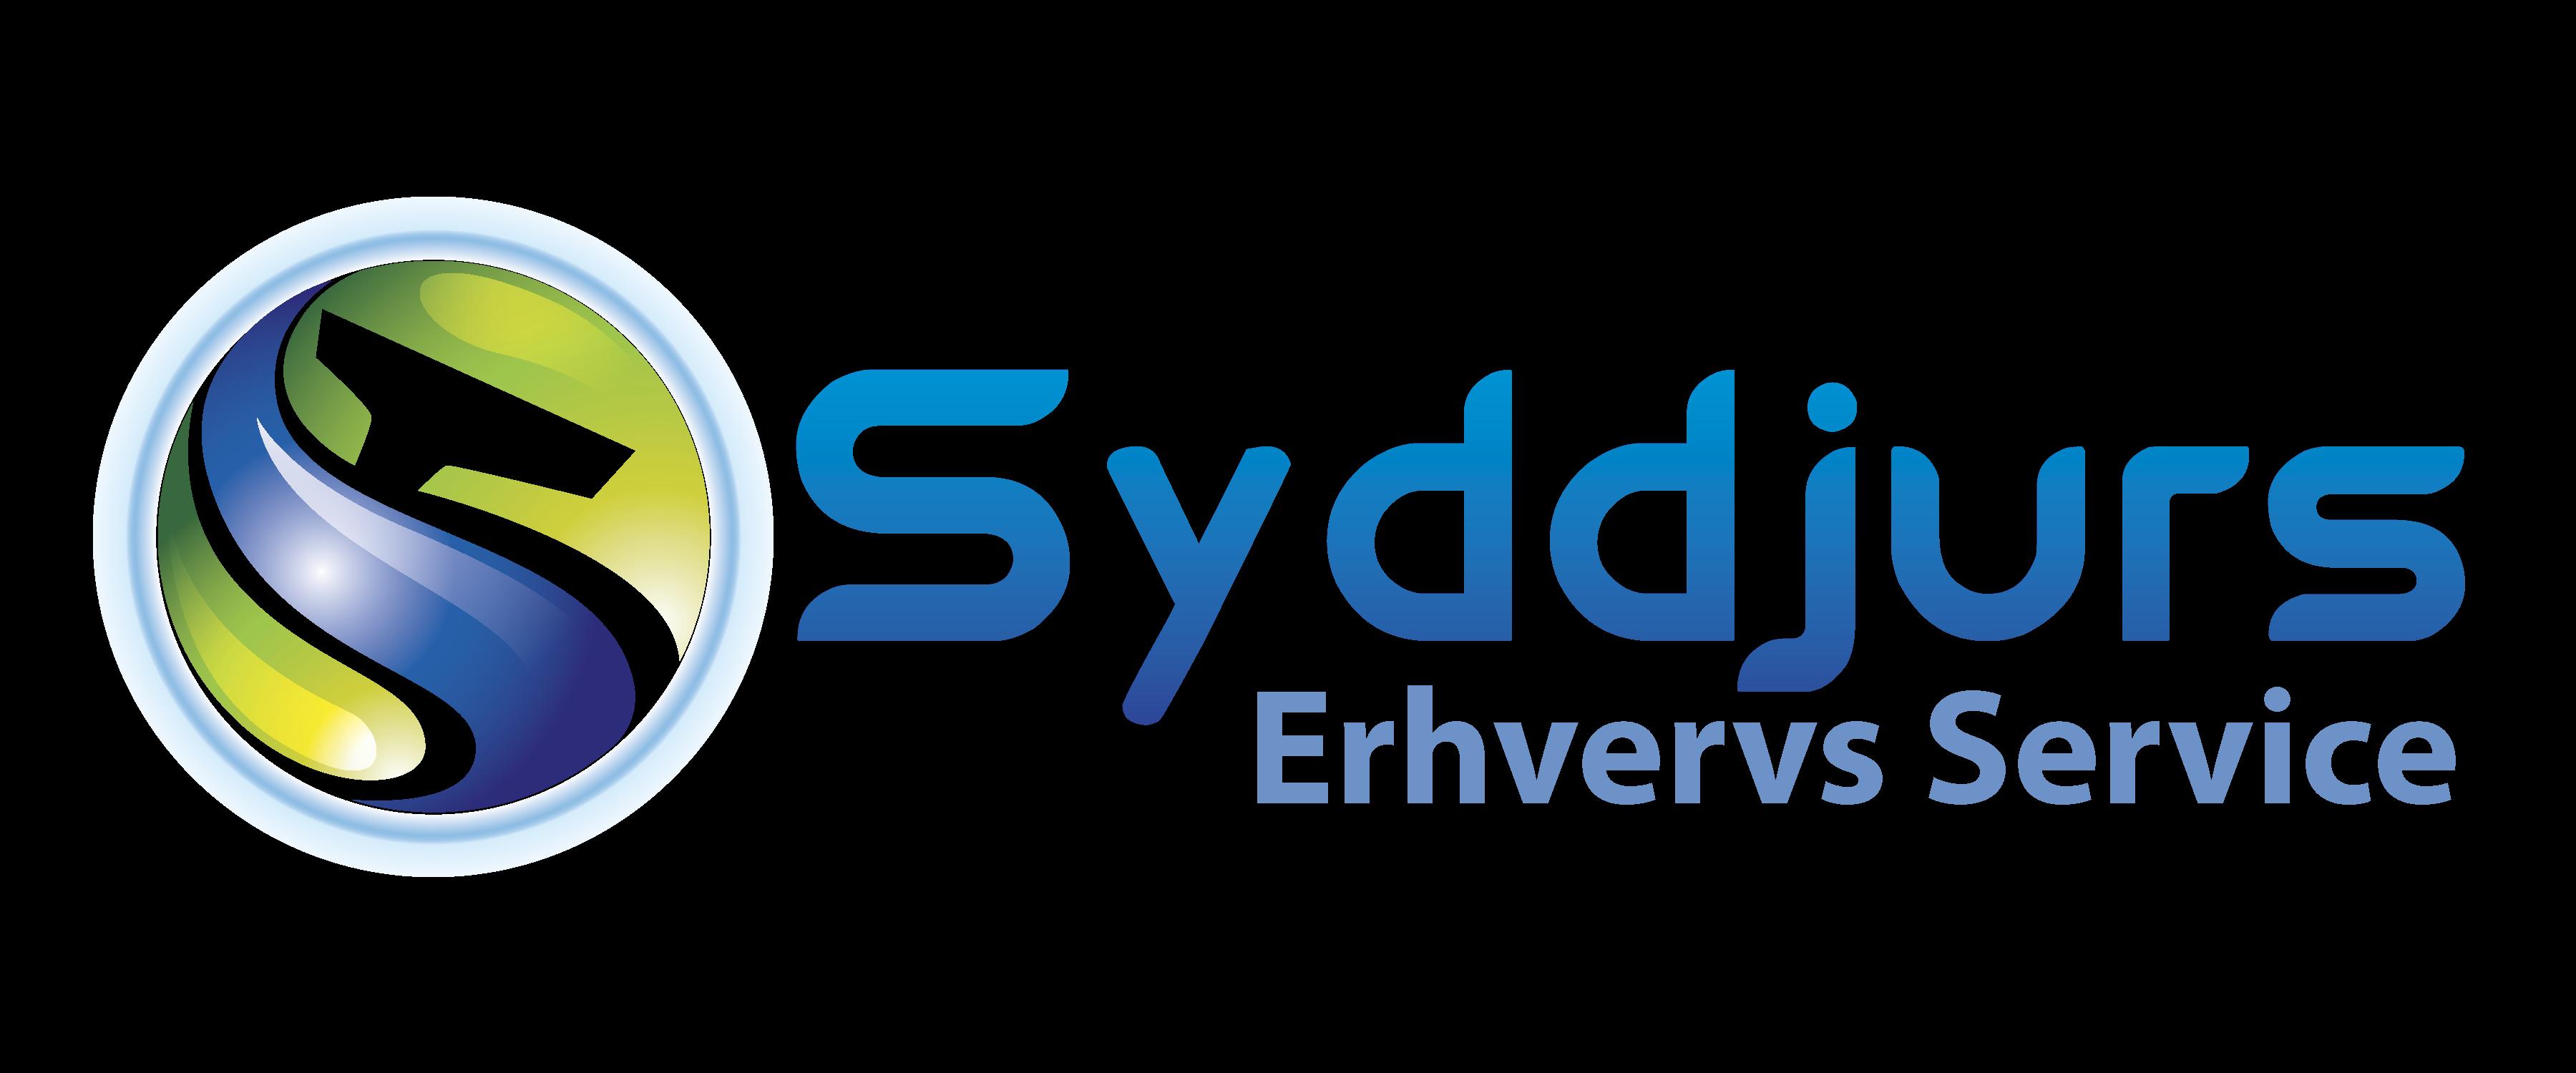 Syddjurs Erhvervs Service